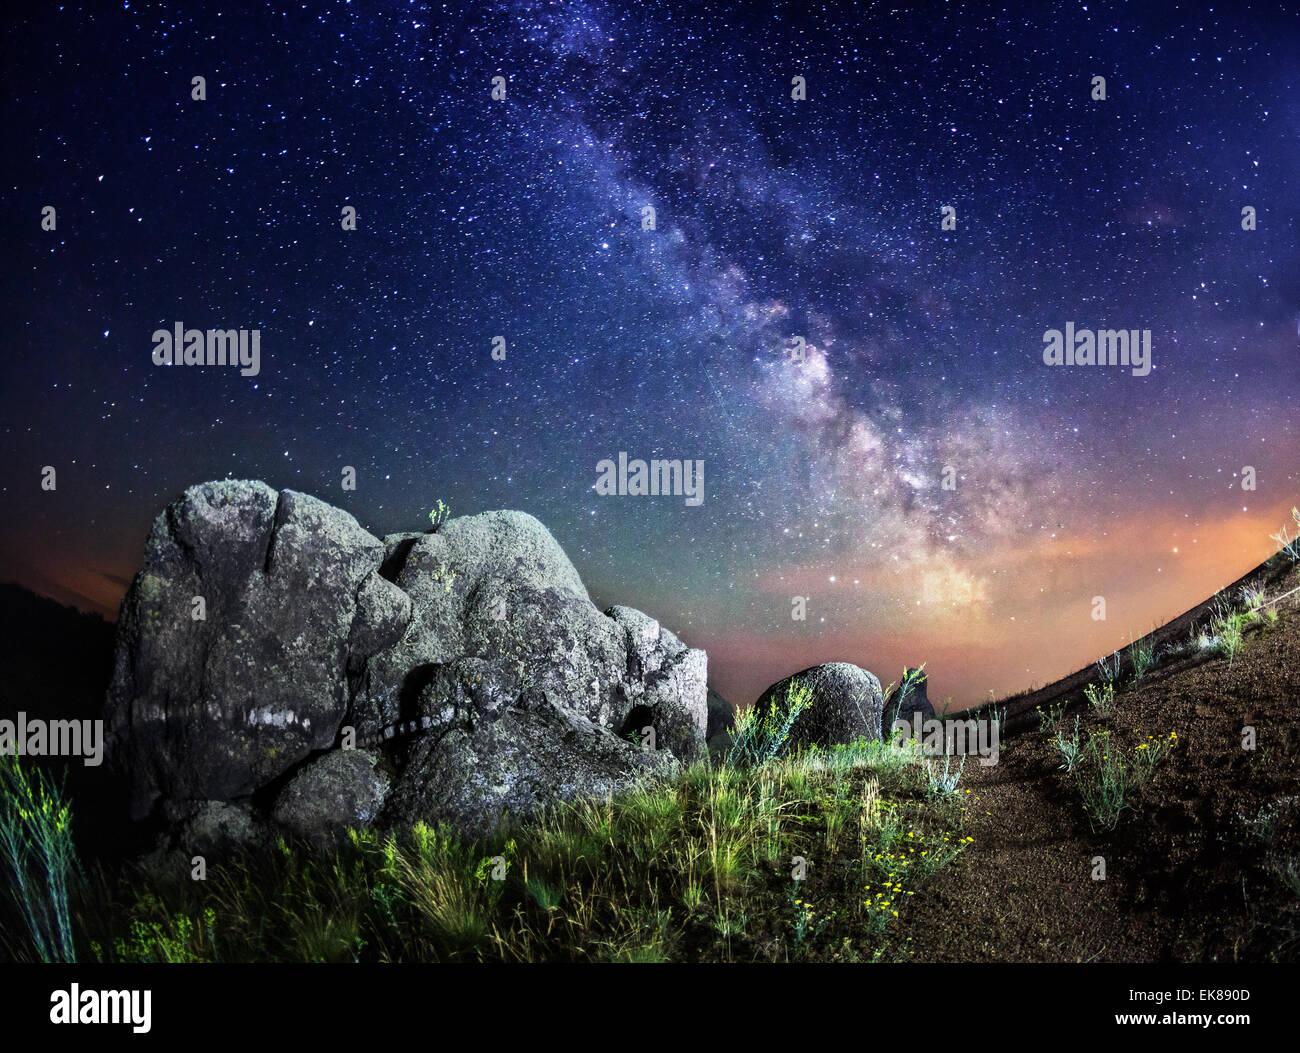 Vía Láctea. Noche de verano hermoso cielo con estrellas, rocas, trail y plantas verdes en Ucrania Imagen De Stock